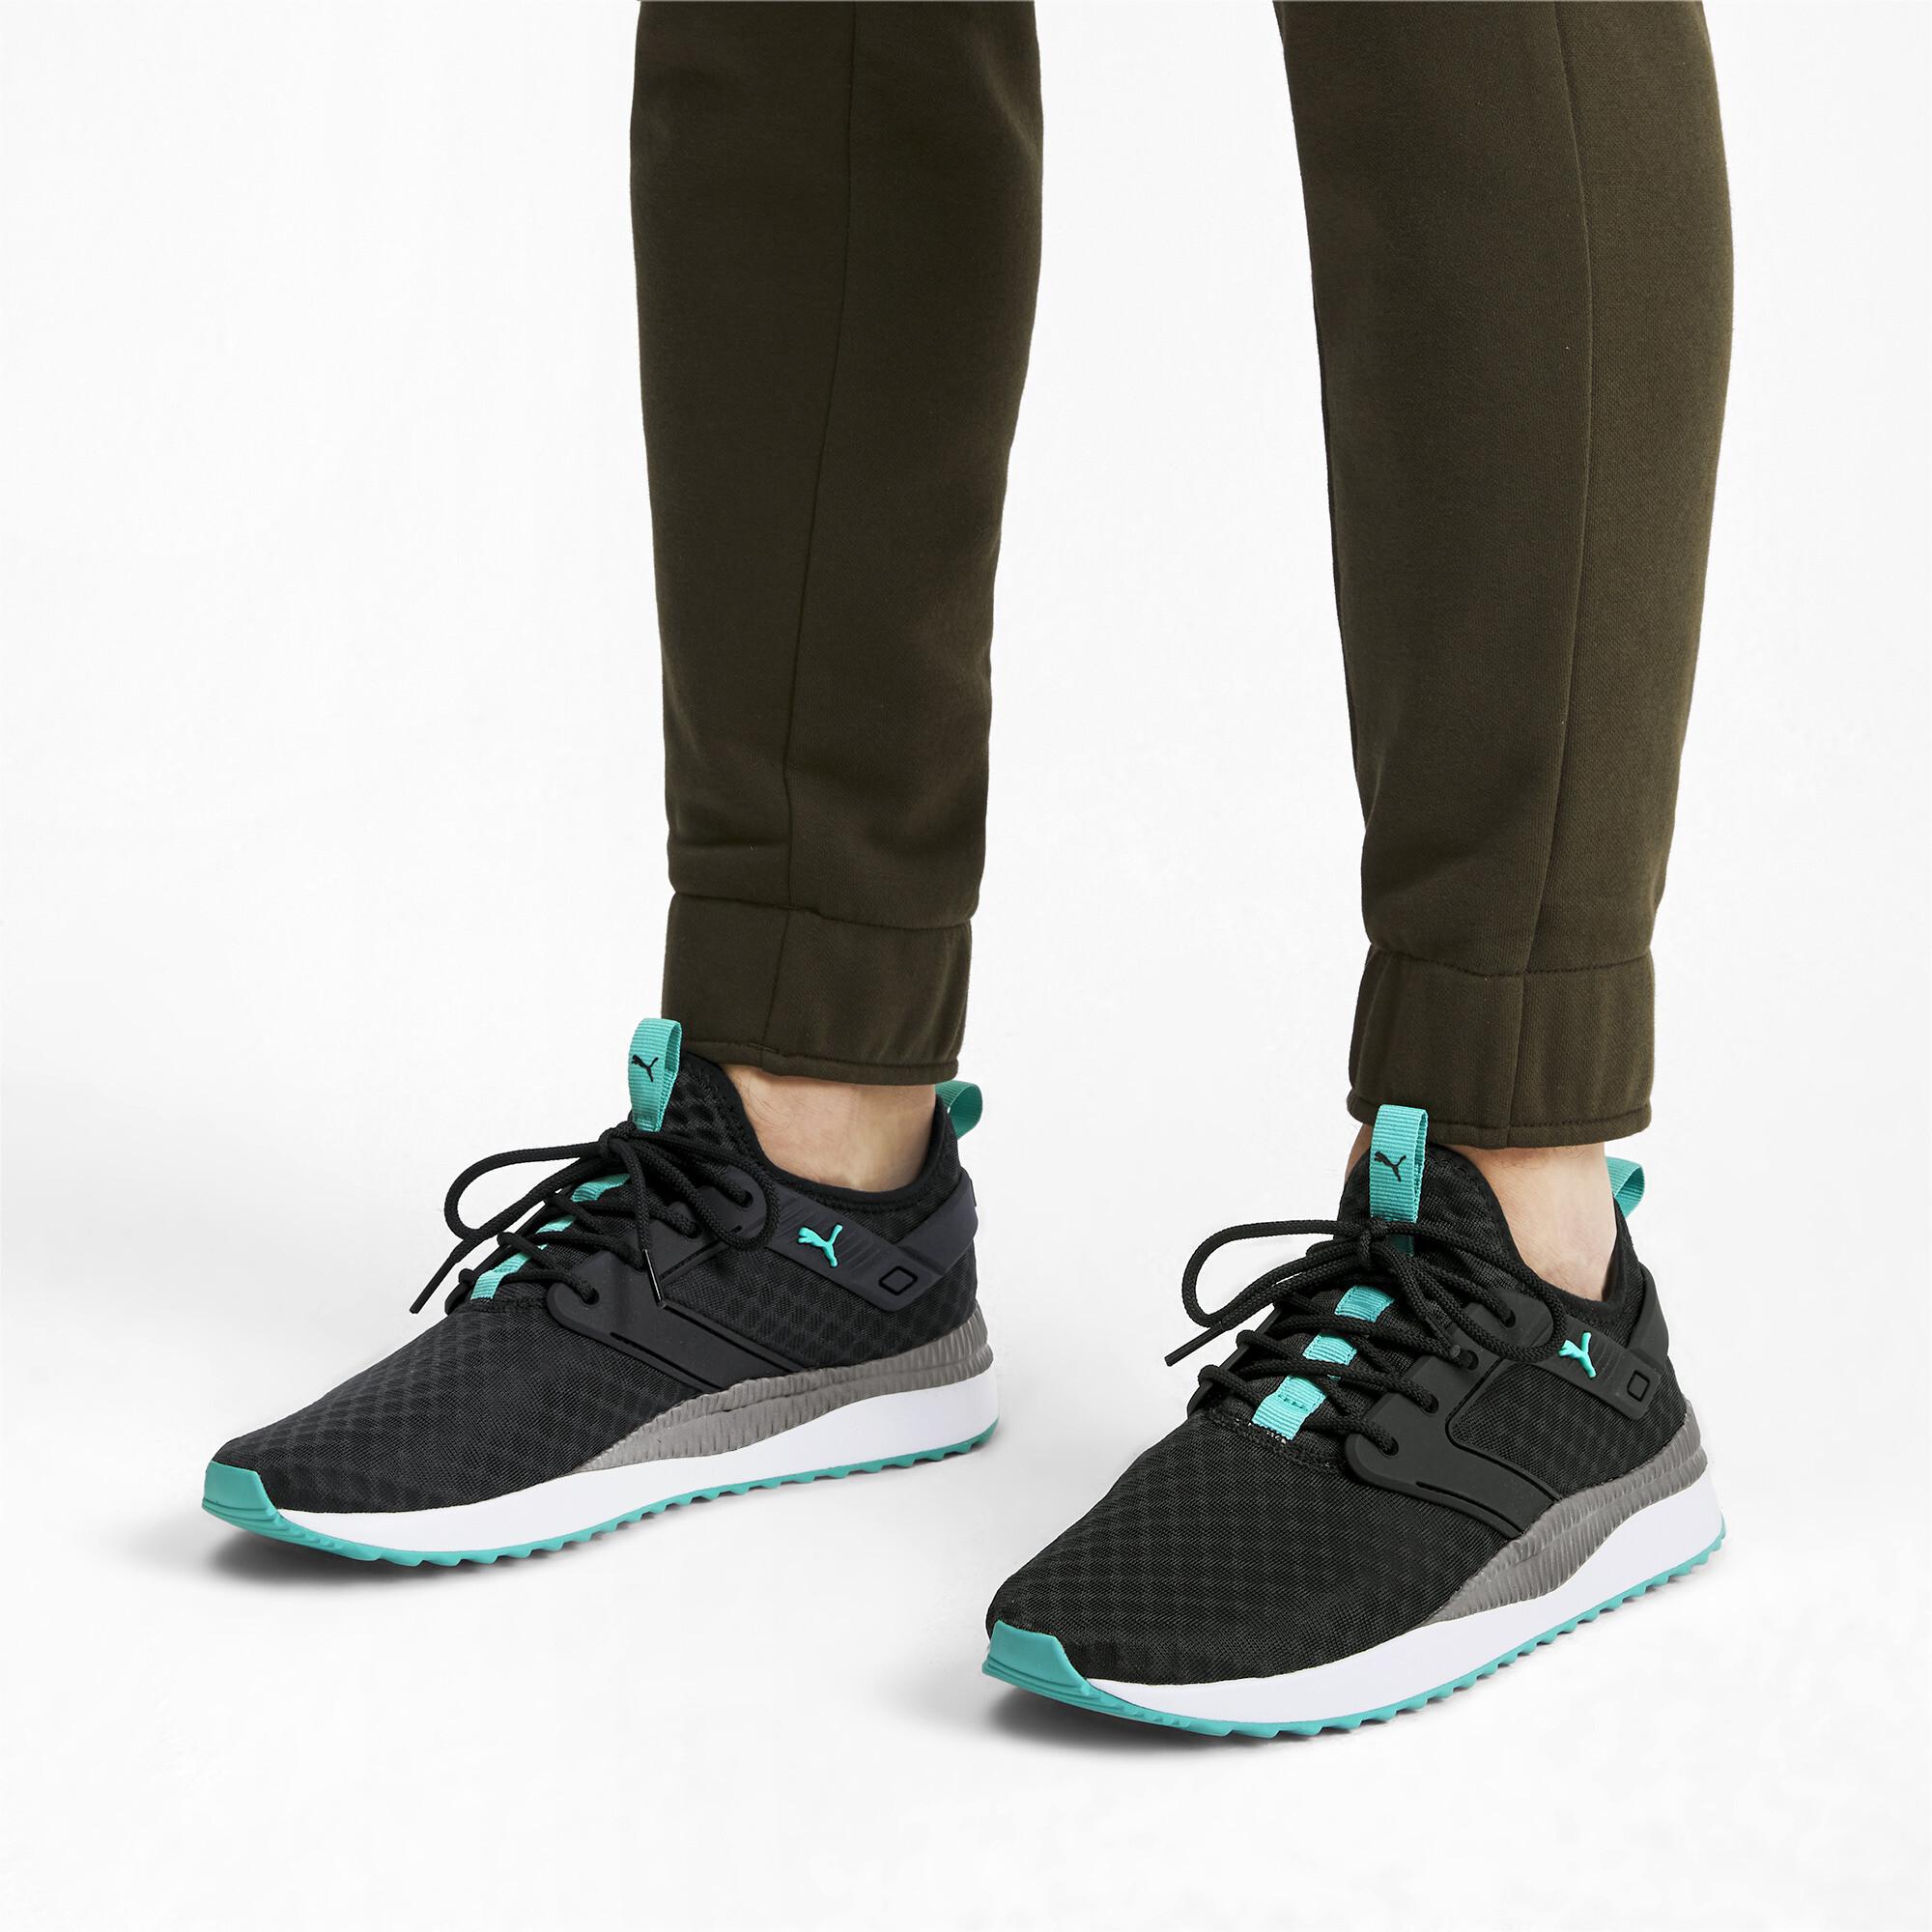 PUMA-Pacer-Next-Excel-Core-Men-039-s-Sneakers-Men-Shoe-Basics thumbnail 5